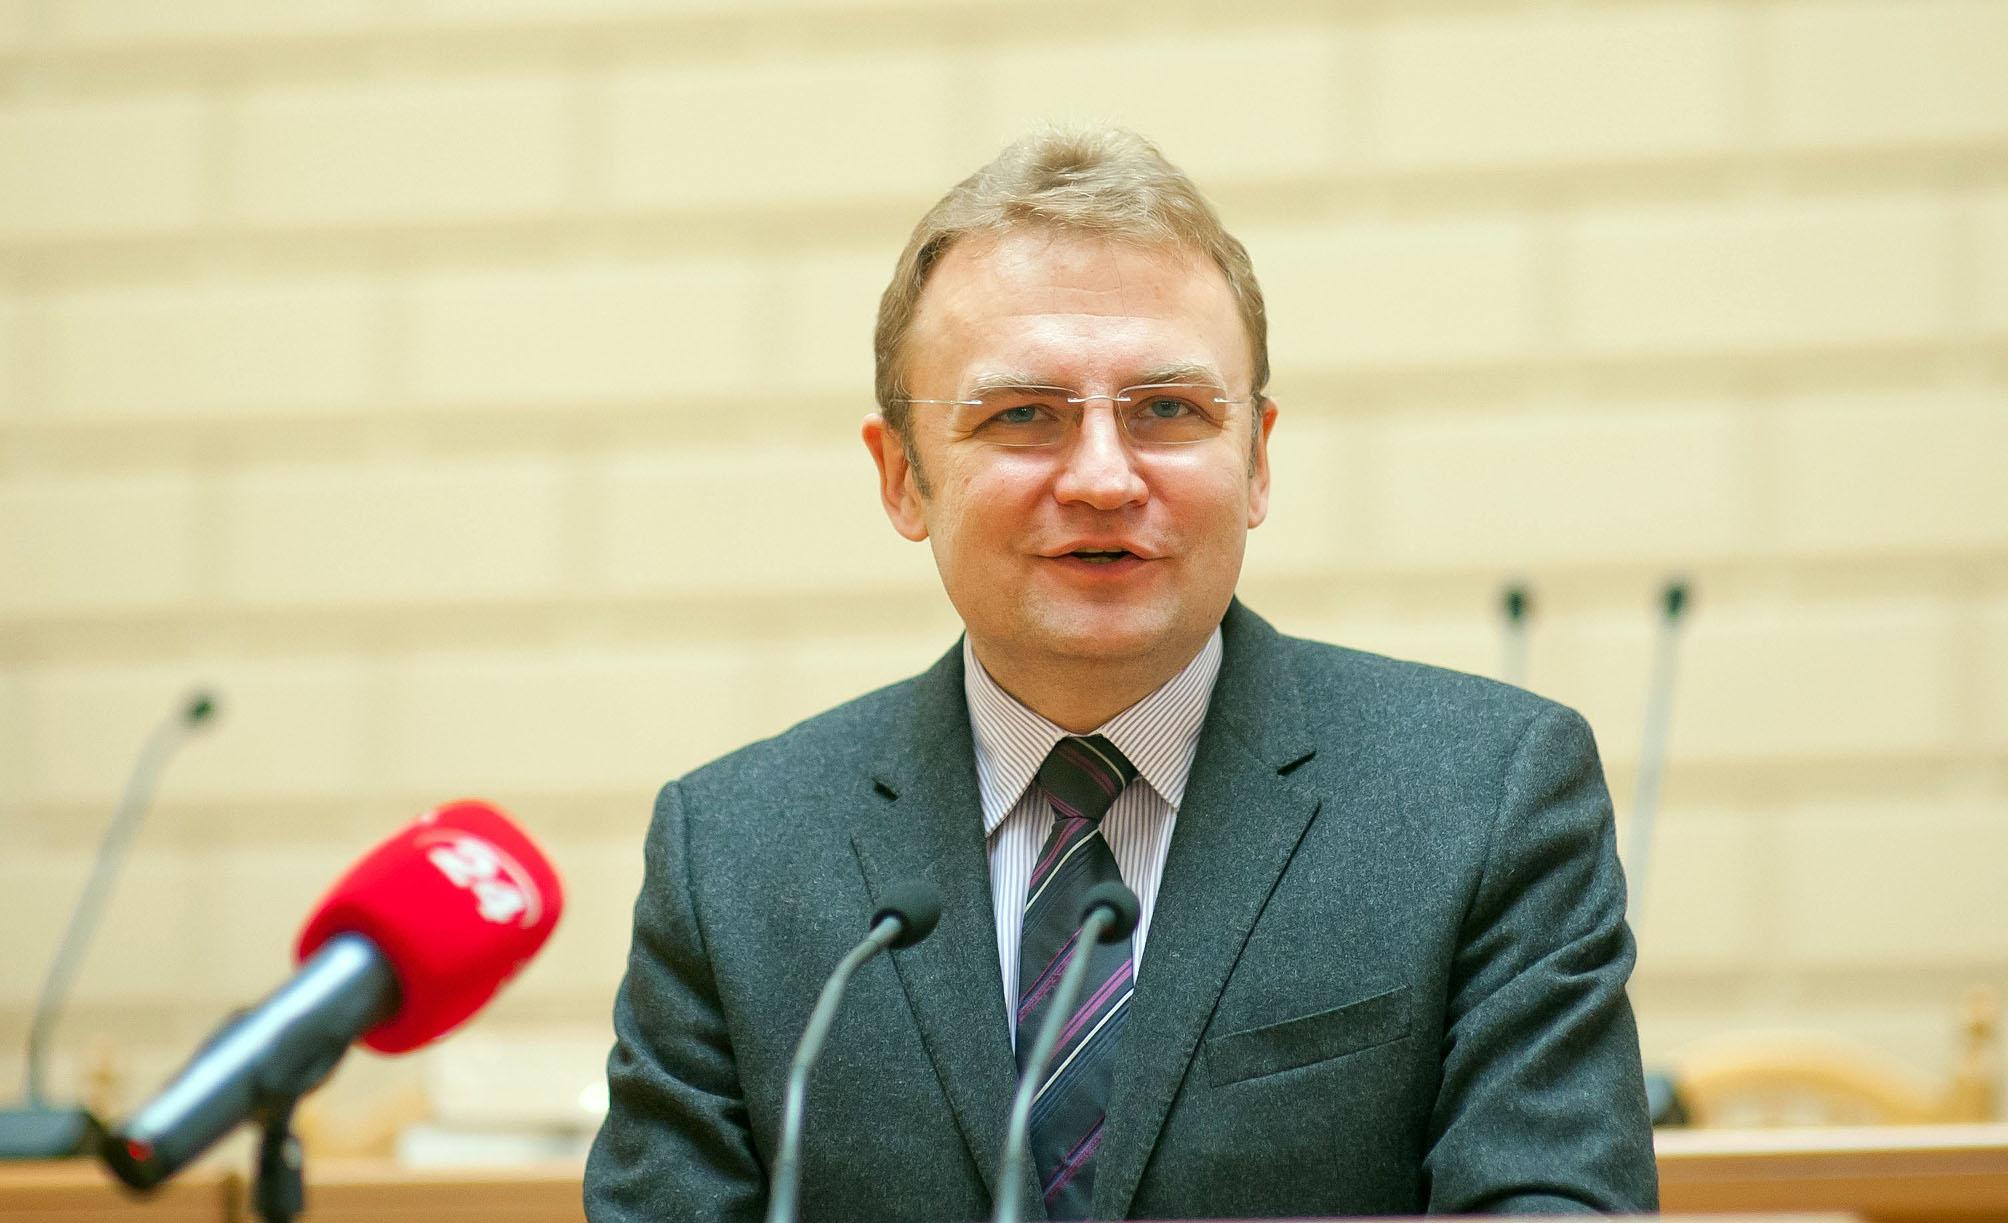 Садовый снял кандидатуру с выборов в пользу другого кандидата